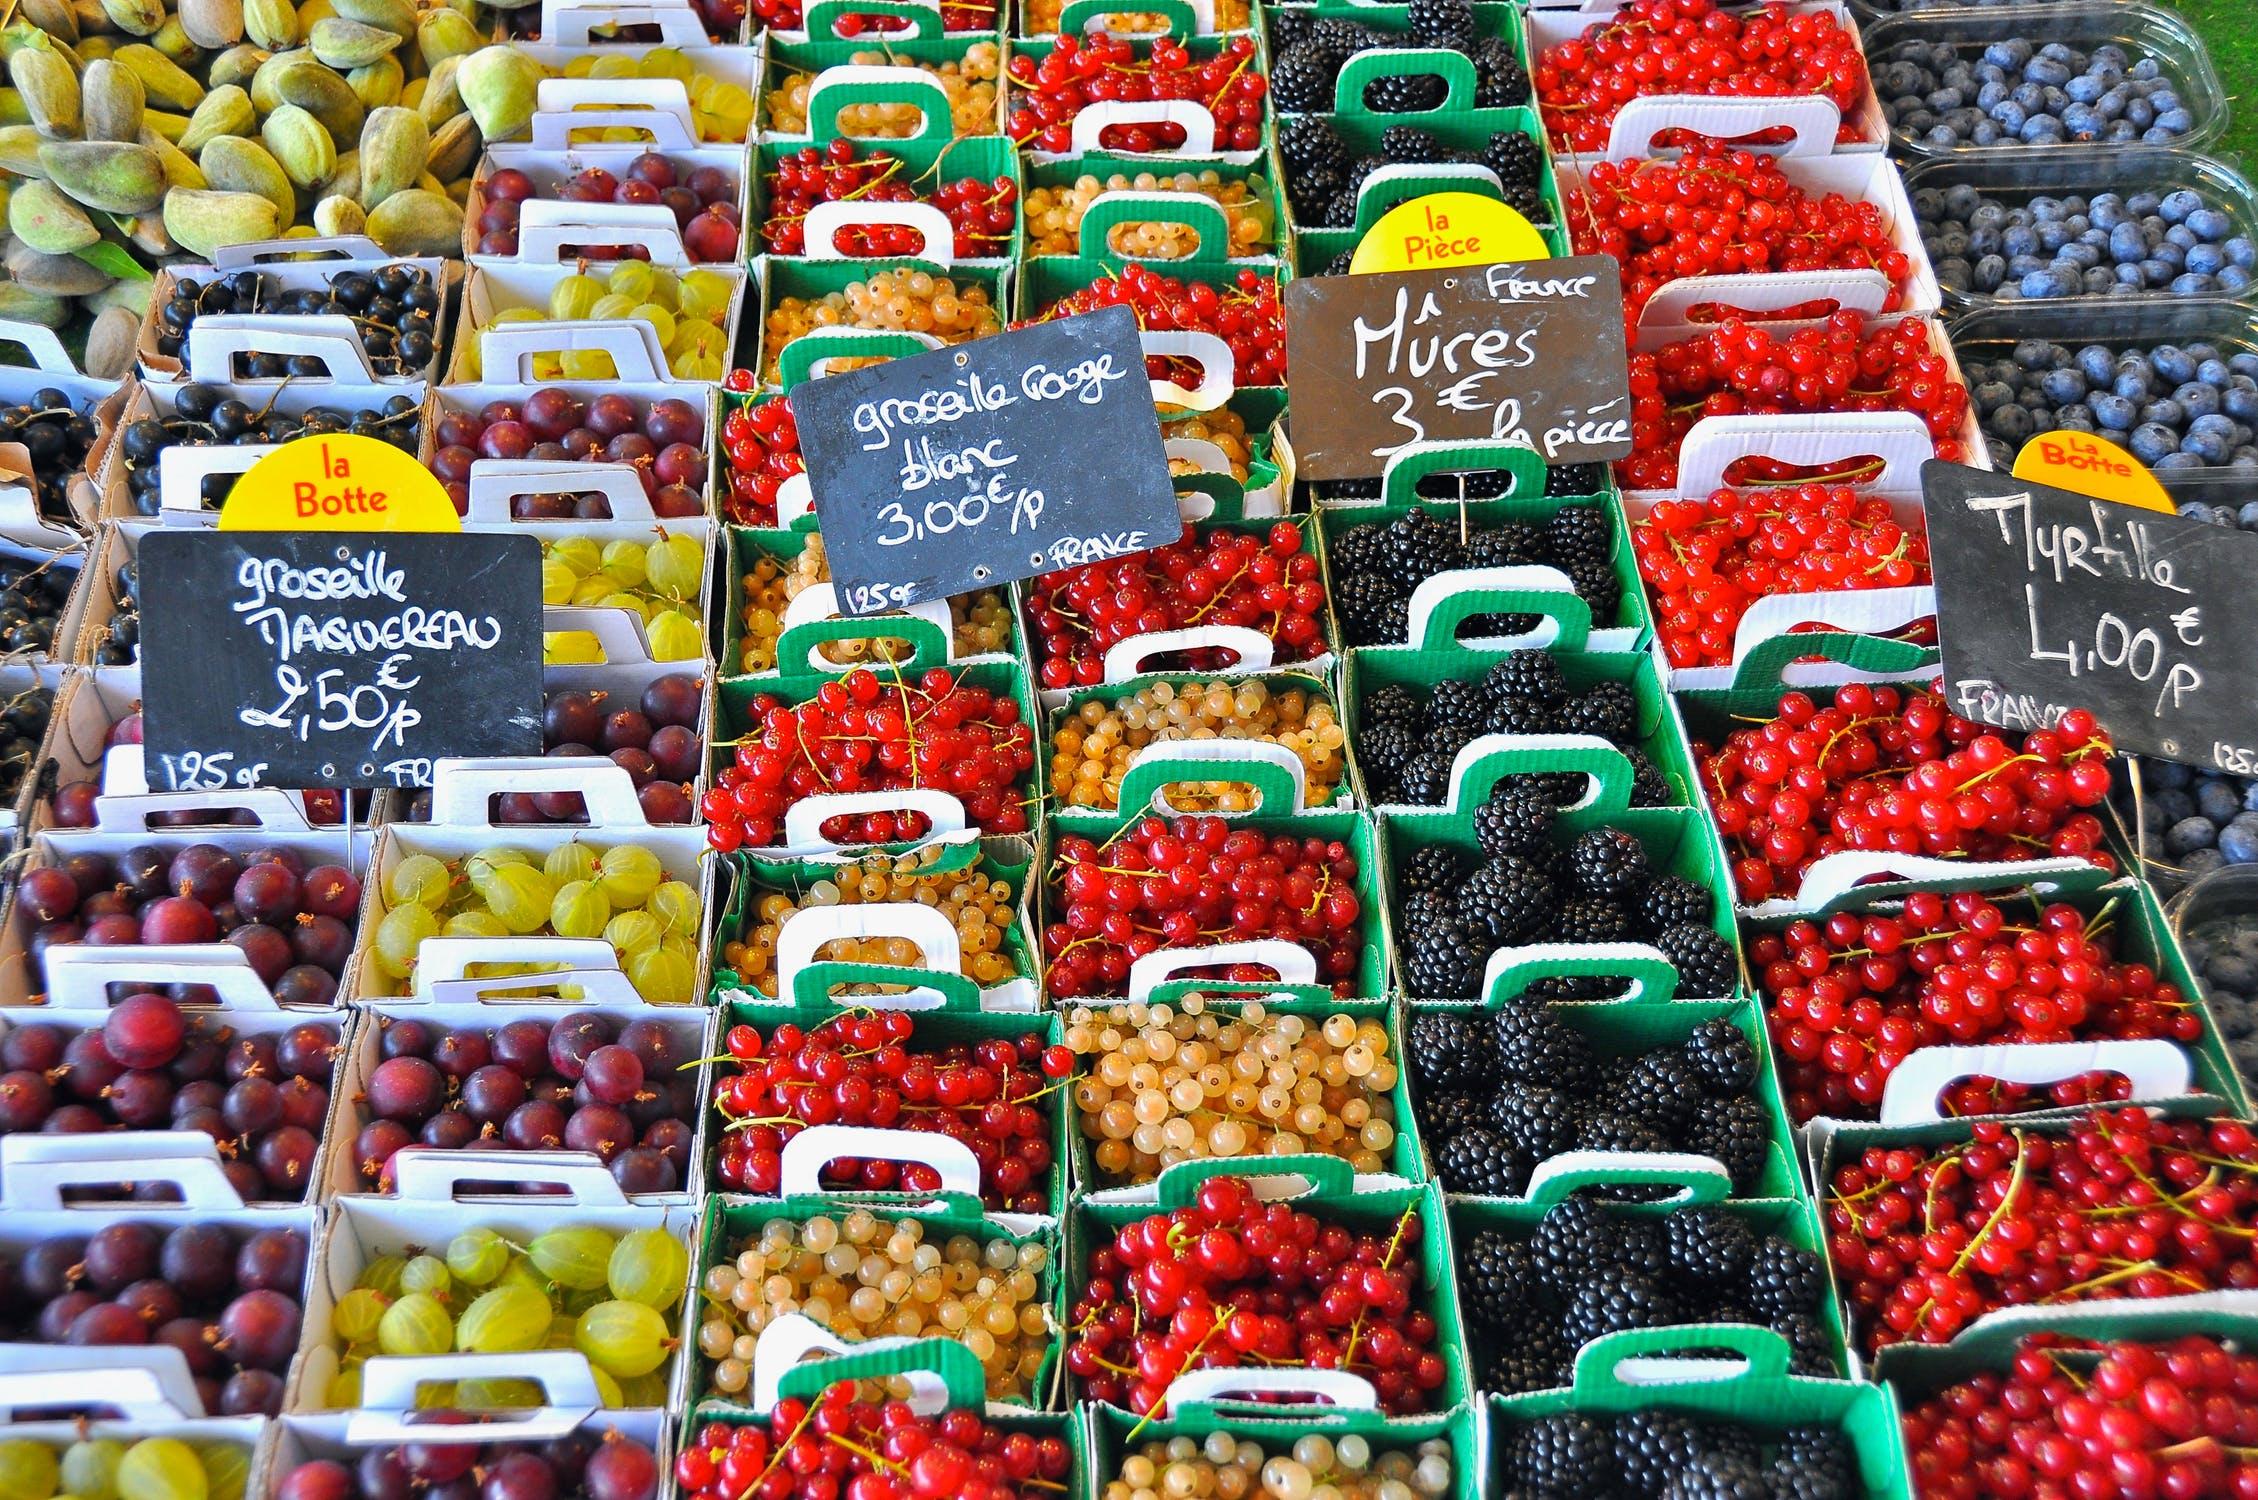 坐月子能吃水果吗?看看专业人士怎么说!